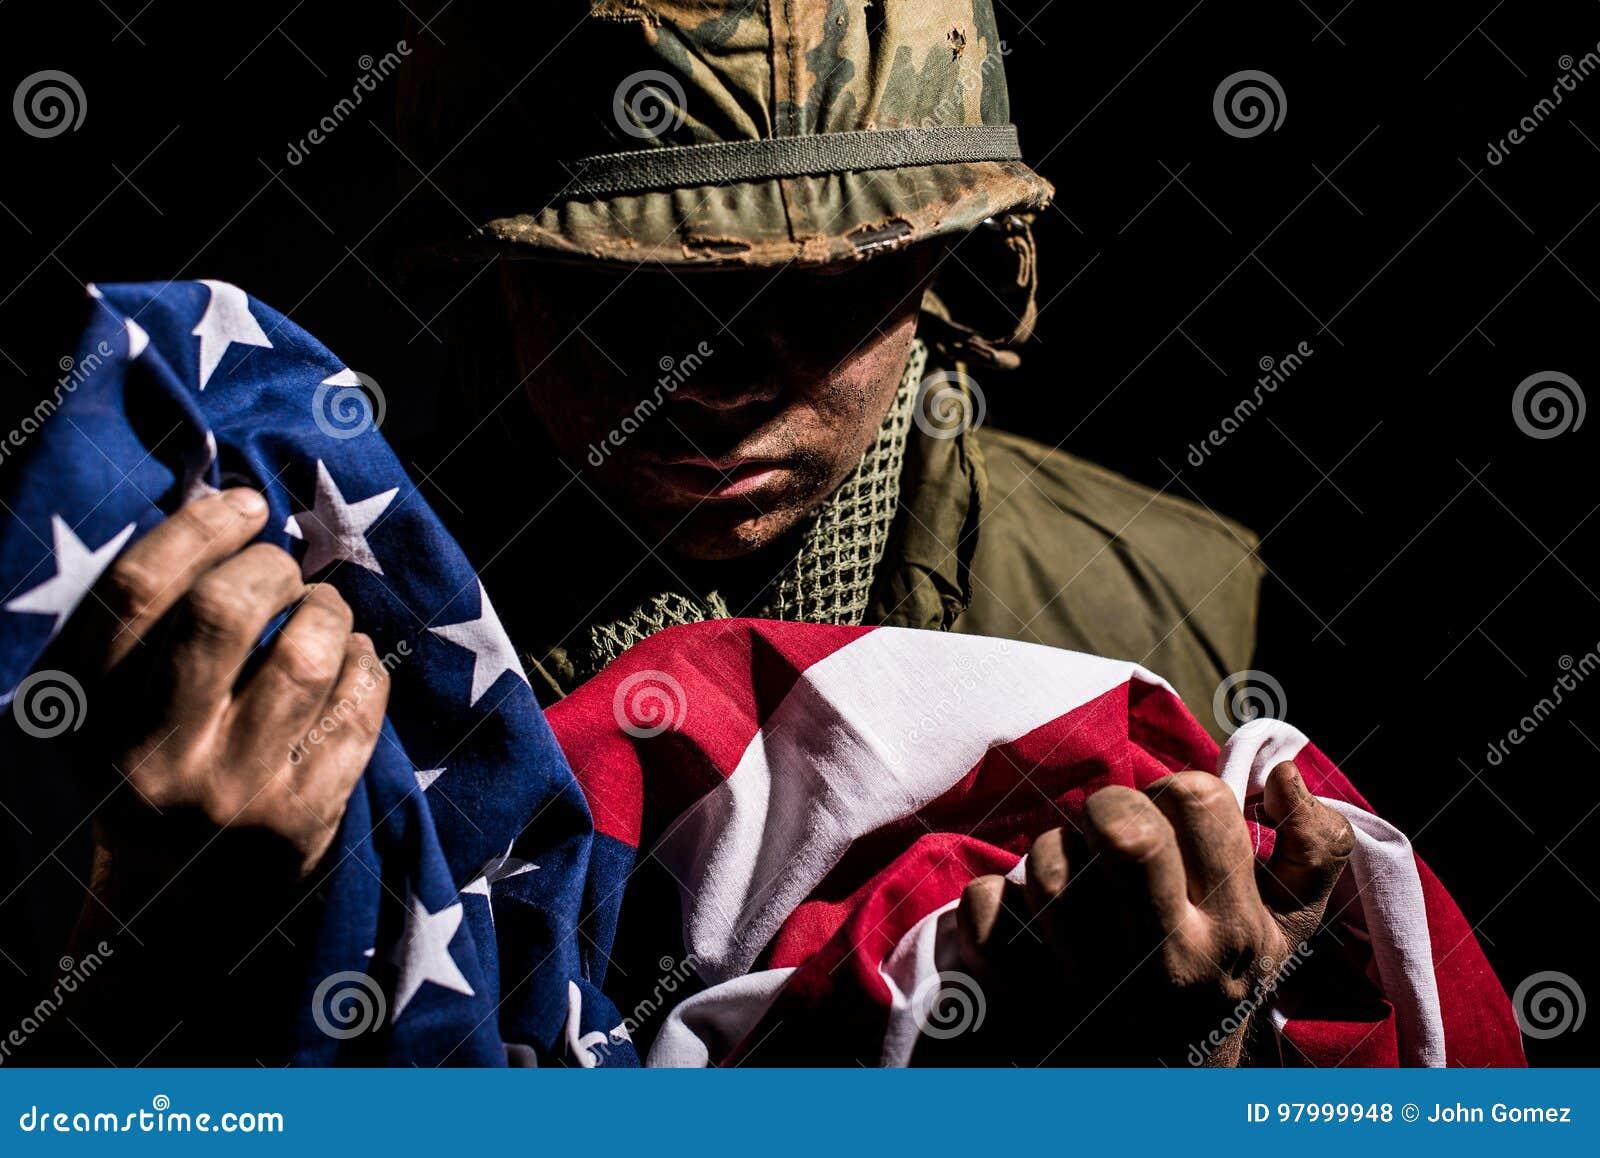 Αμερικανική σημαία εκμετάλλευσης αμερικανικού θαλάσσια Βιετνάμ πολέμου